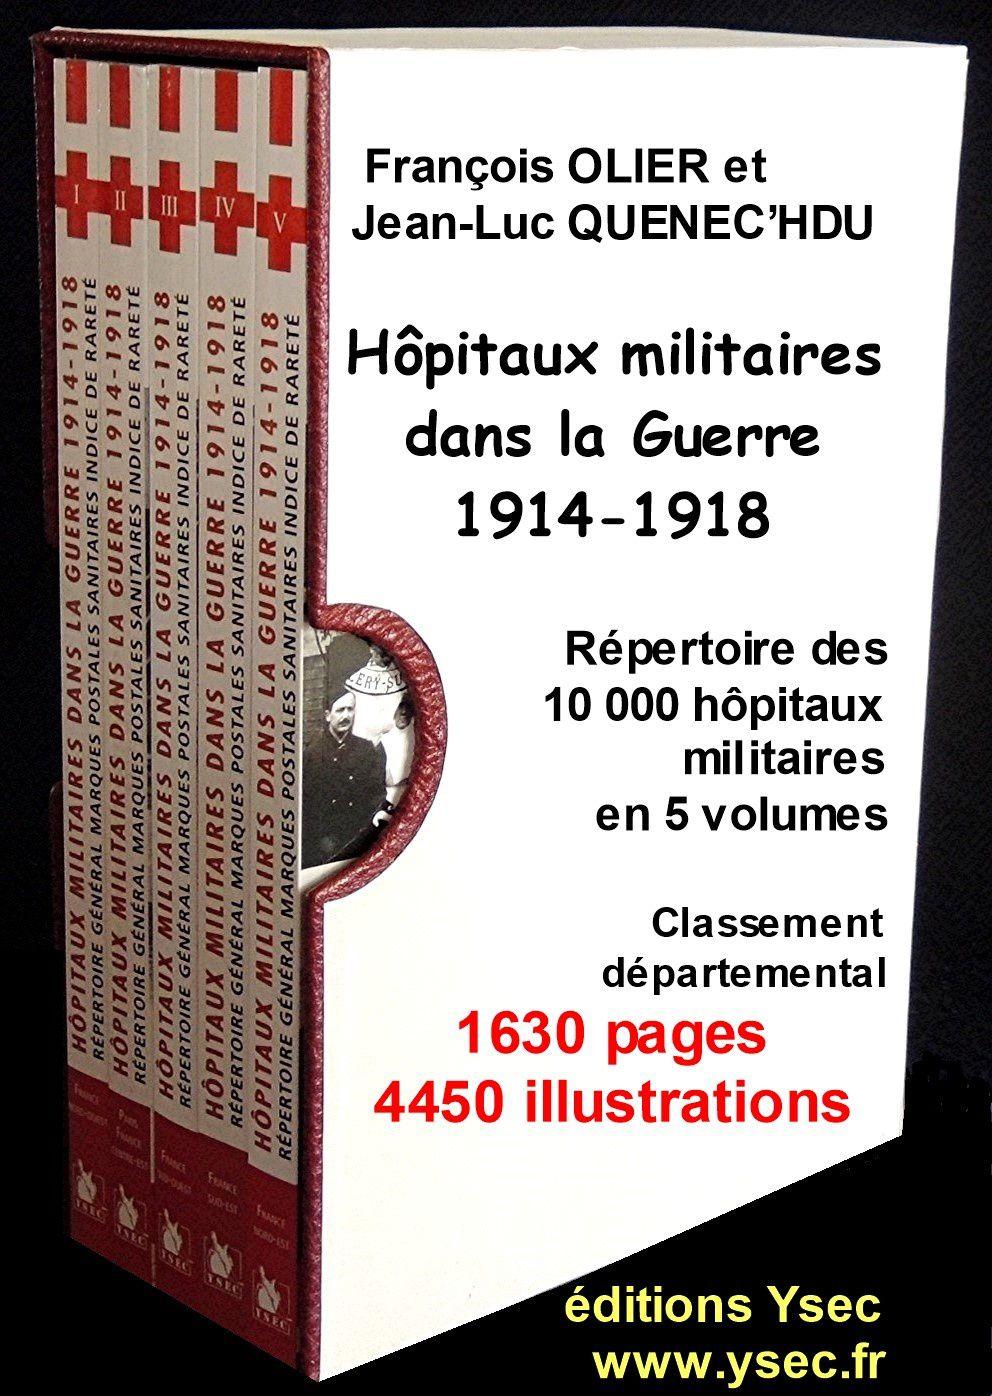 SUISSE (1914-1918) : L'INTERNEMENT DES PRISONNIERS DE GUERRE ALLIES, MALADES ET BLESSES